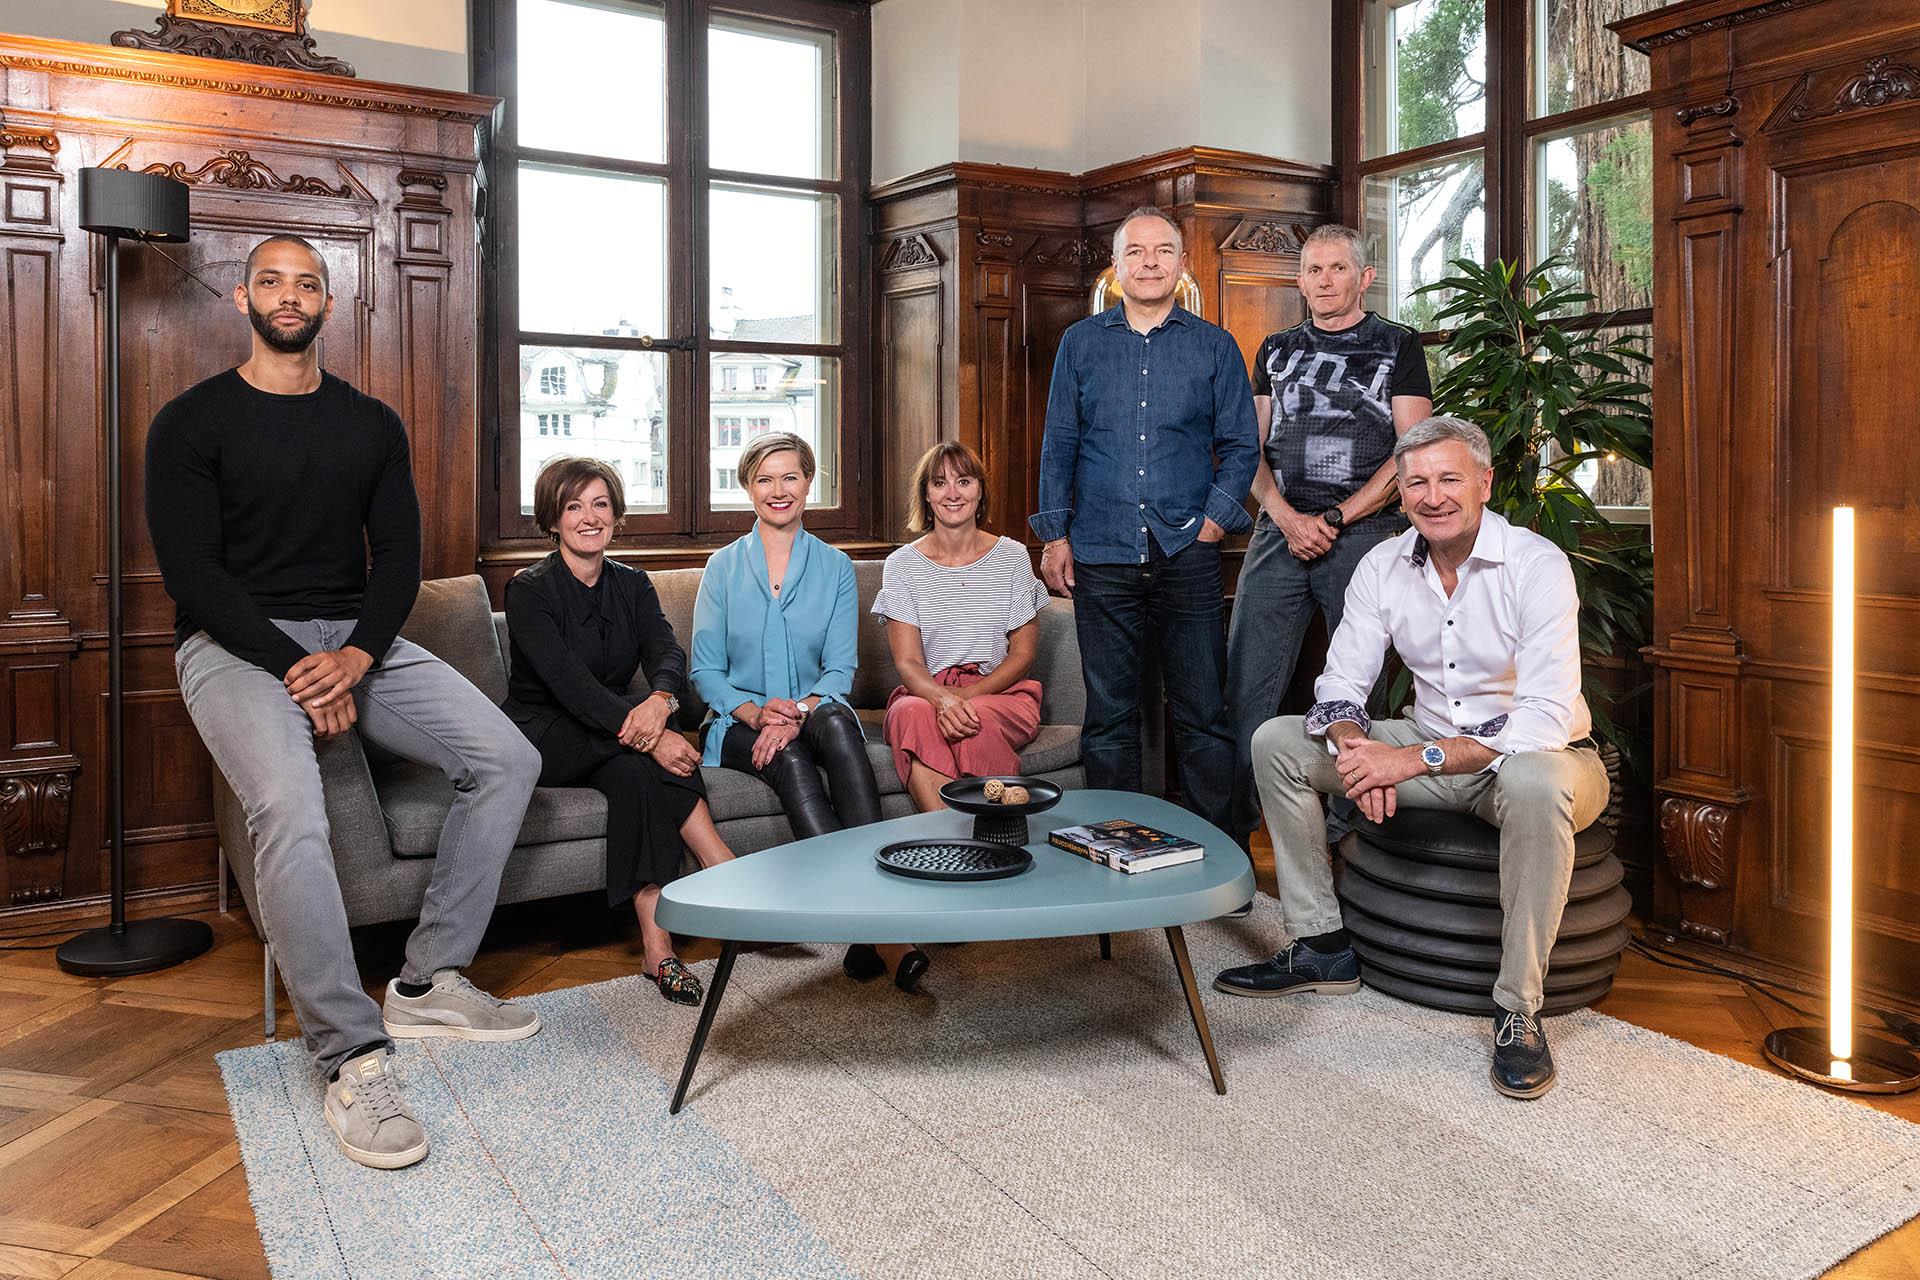 Buchwalder_Linder_Portrait-team